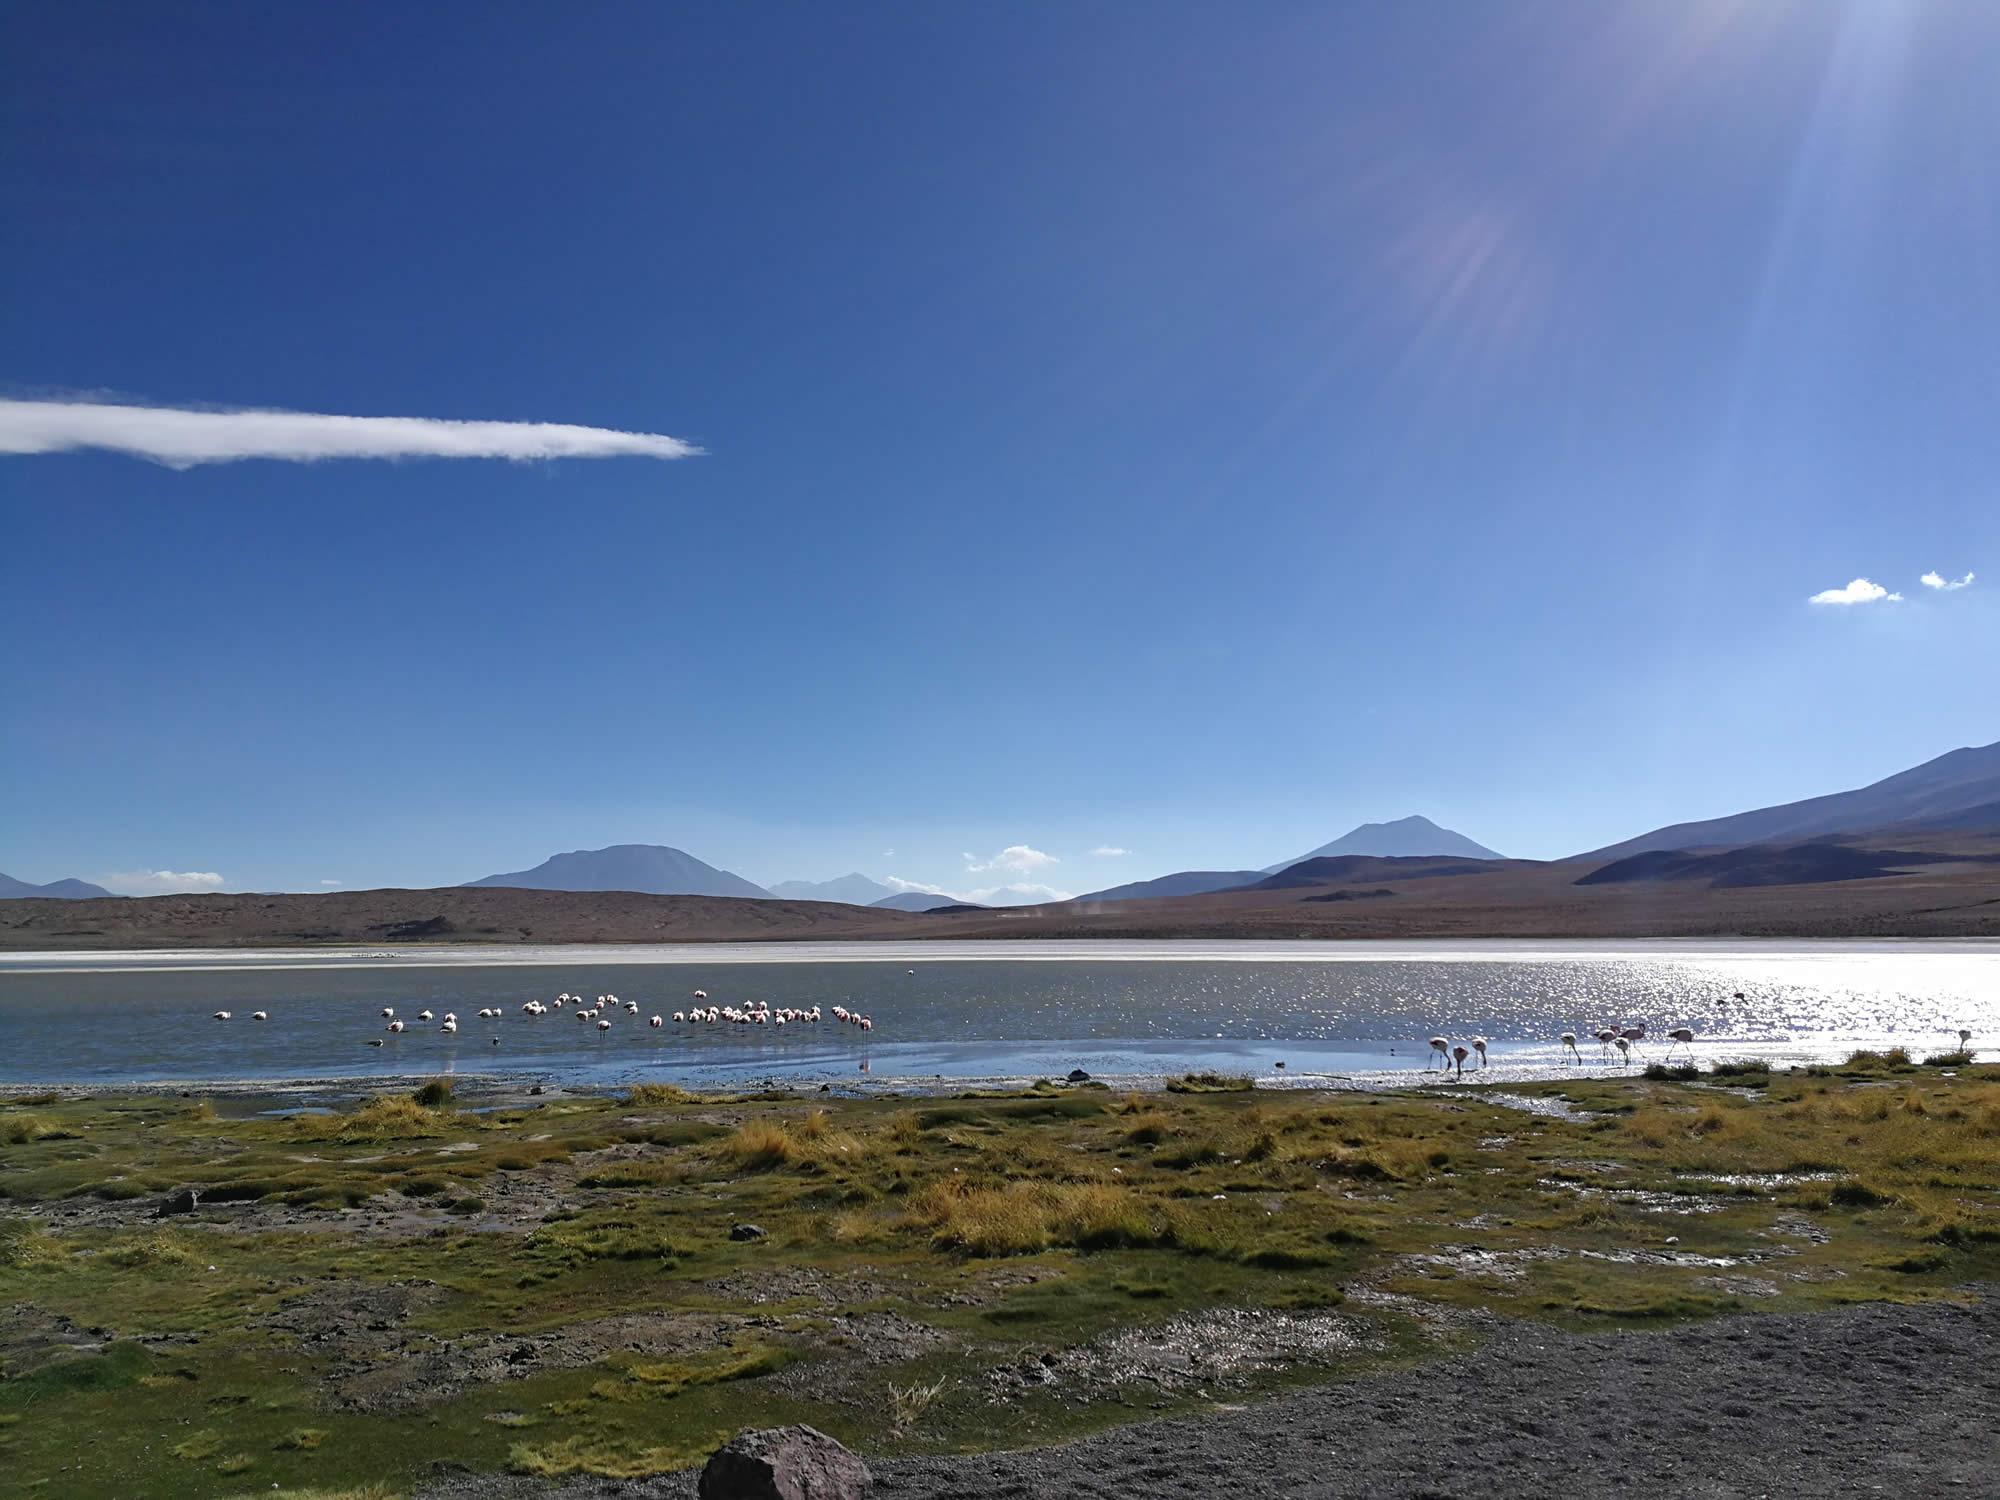 Tour Privado Salar de Uyuni y Lagunas Menores - Ruta de las Joyas Alto Andinas, 2 Días, 1 Noche